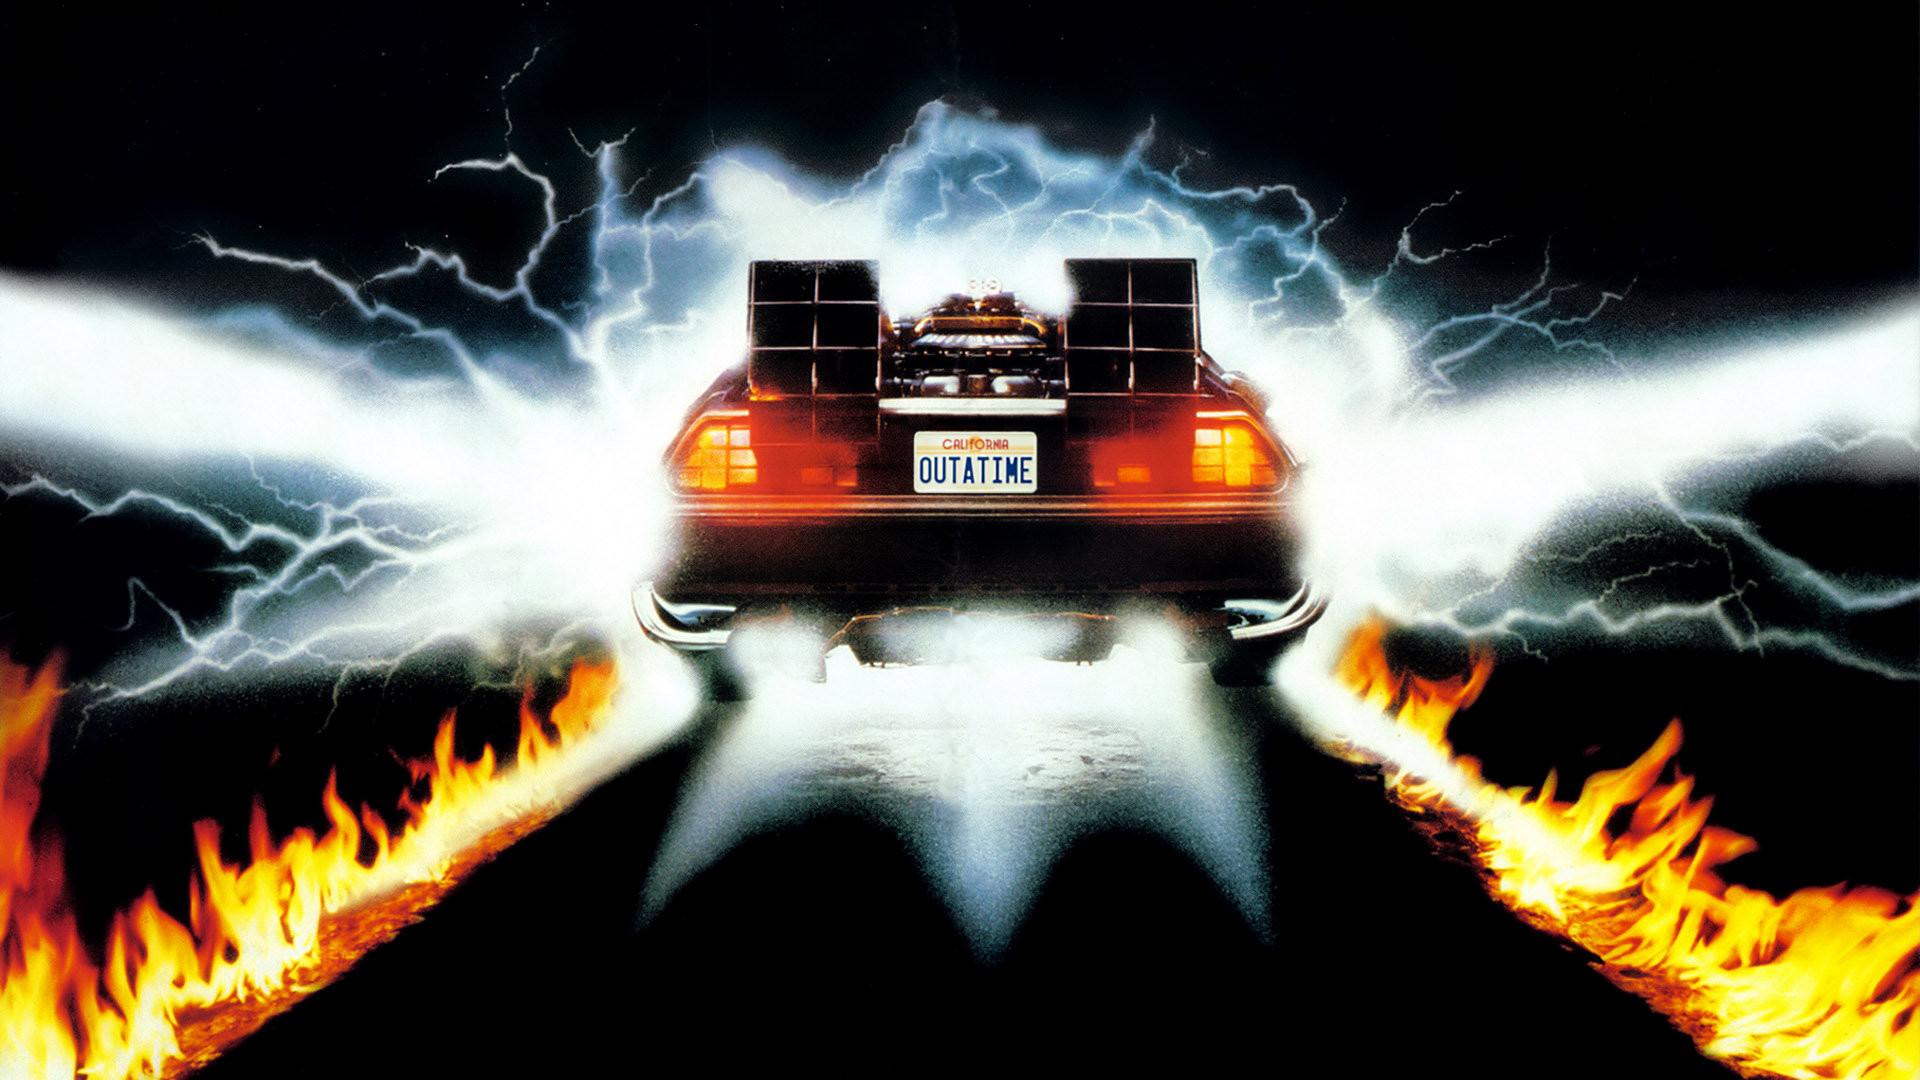 La máquina del tiempo DeLorean en Volver al futuro